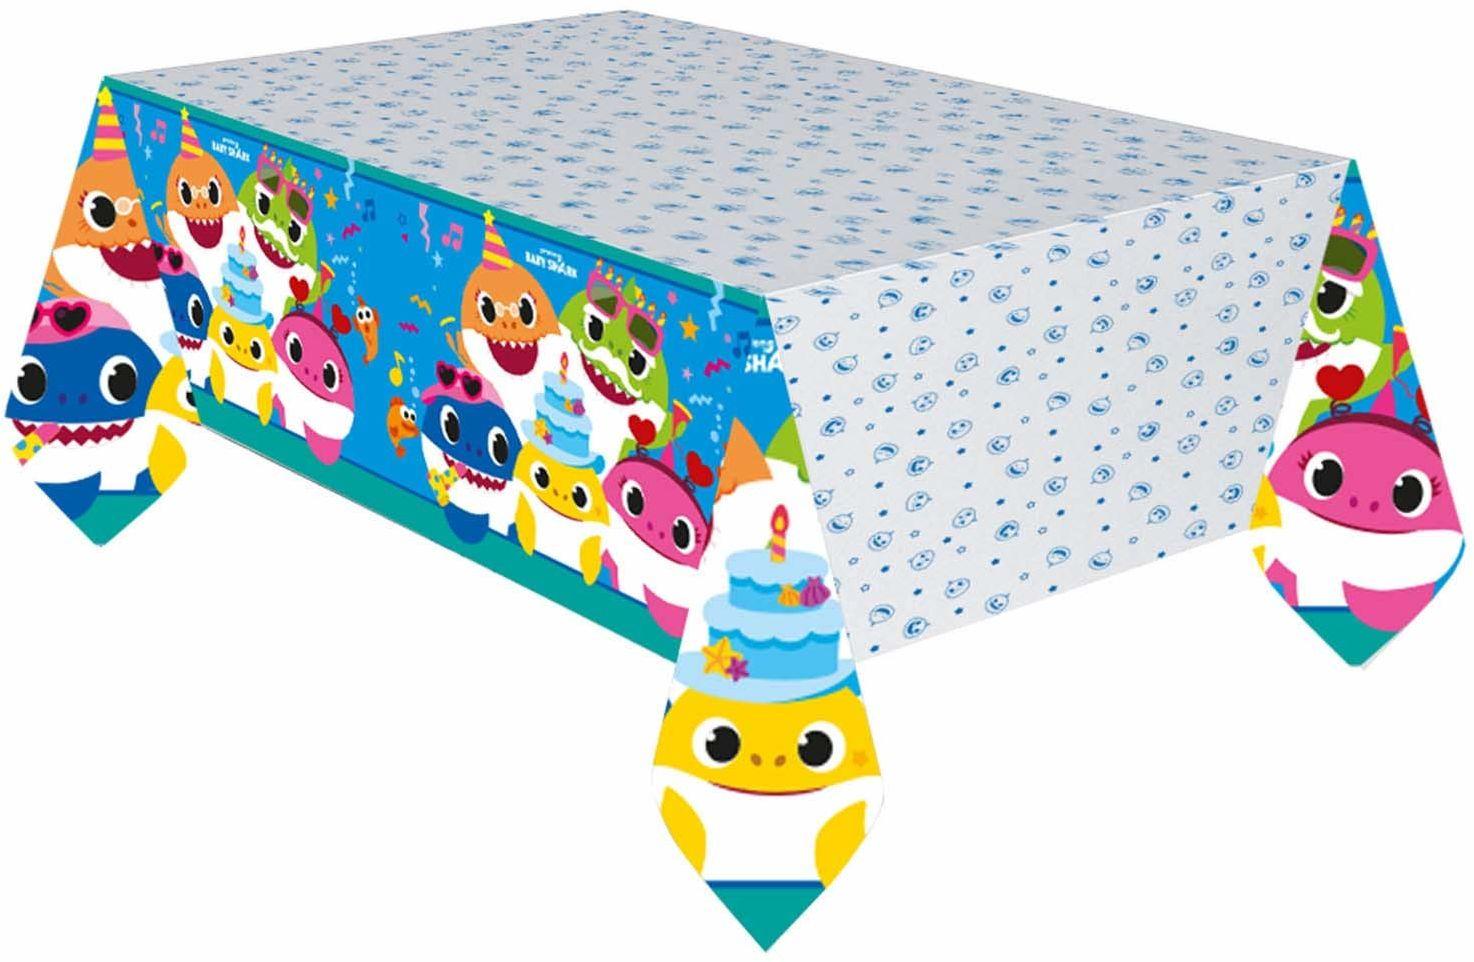 Amscan 9909042 - obrus Baby Shark, wymiary ok. 120 x 180 cm, z papieru, wielokolorowy z zabawnymi motywami rekina w nastrojowym nastroju, na imprezę urodzinową, dekoracja stołu, naczynia jednorazowe